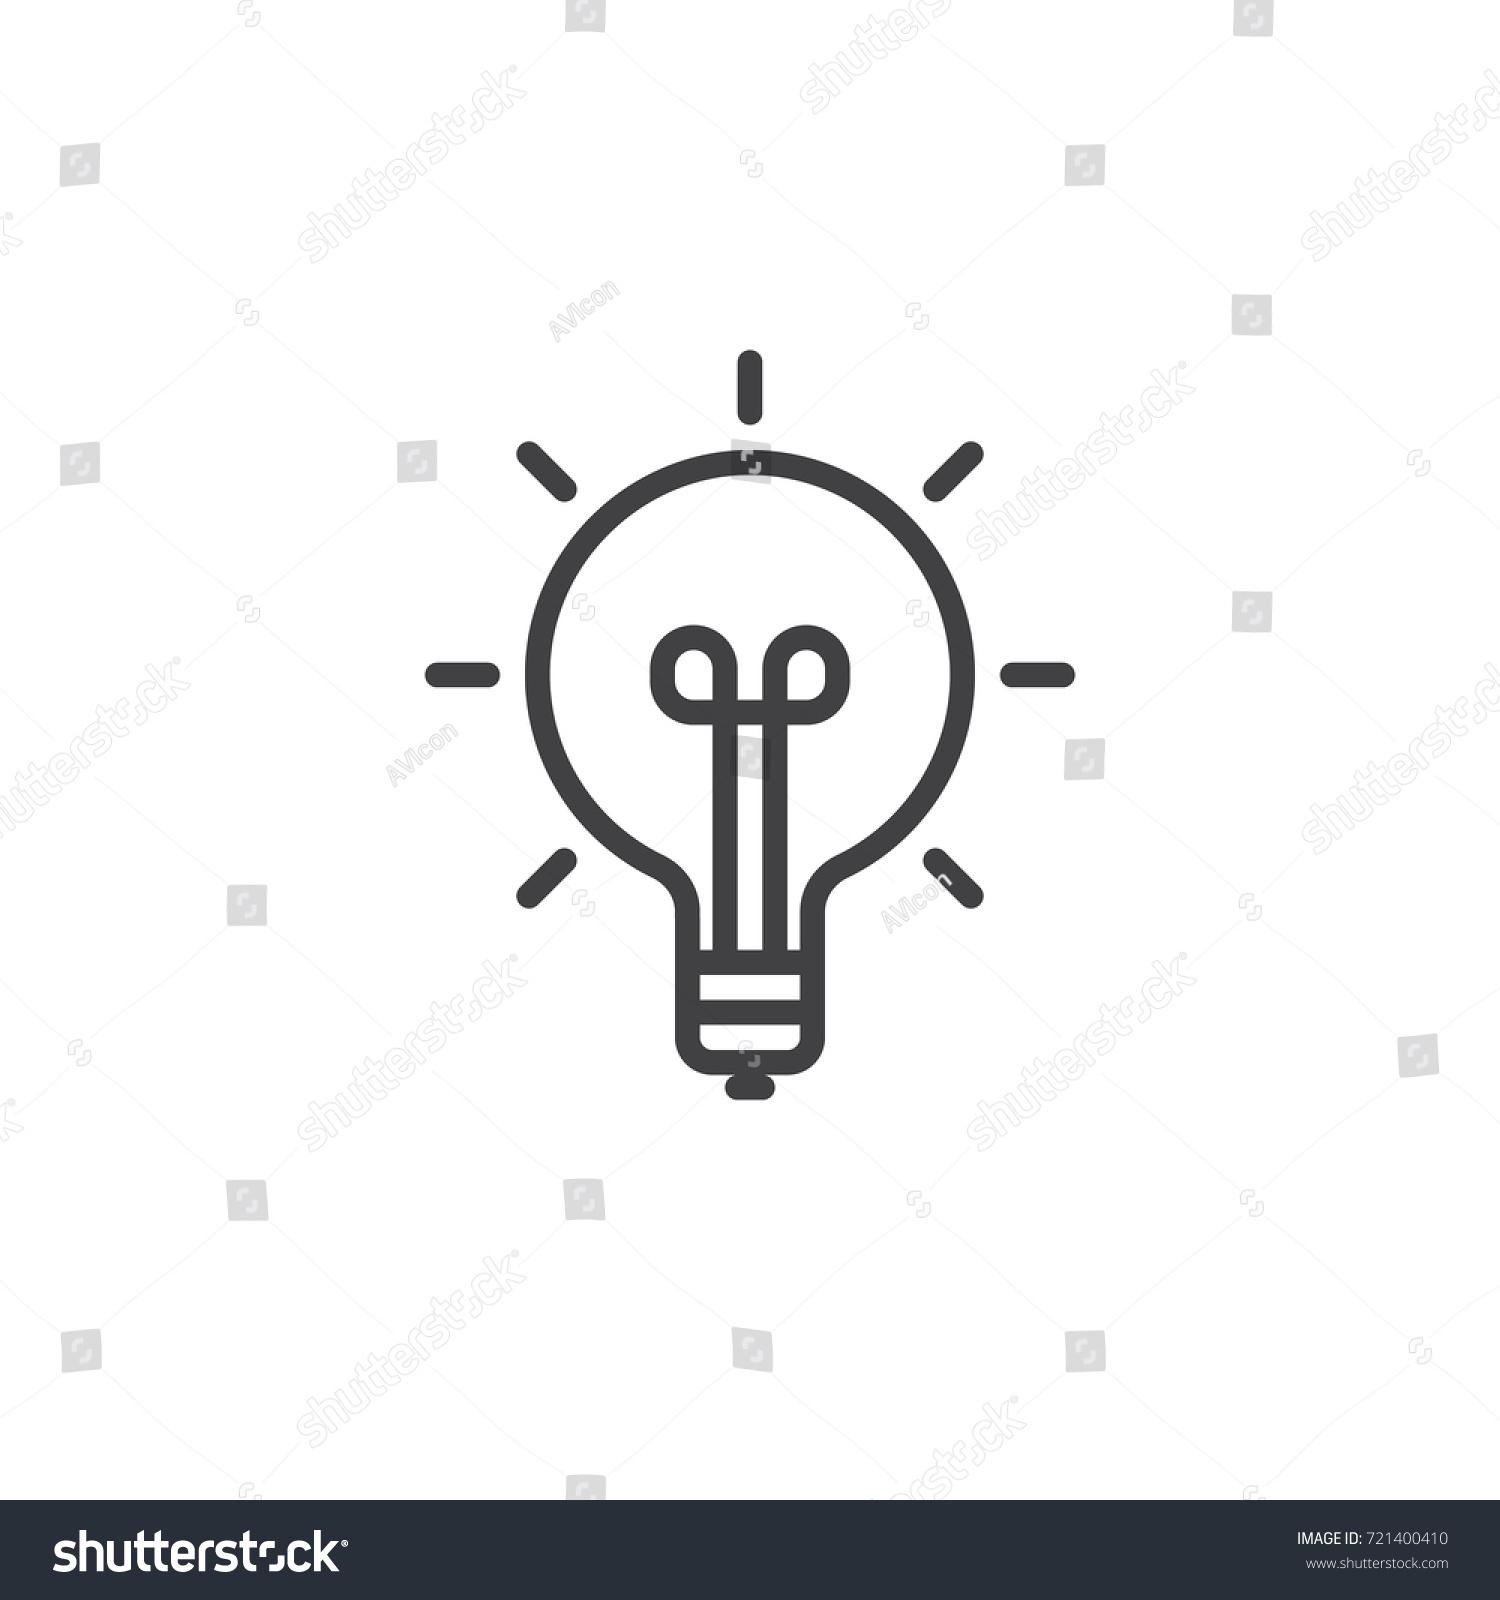 Idea Light Bulb Line Icon Outline Stock Vector 721400410 - Shutterstock